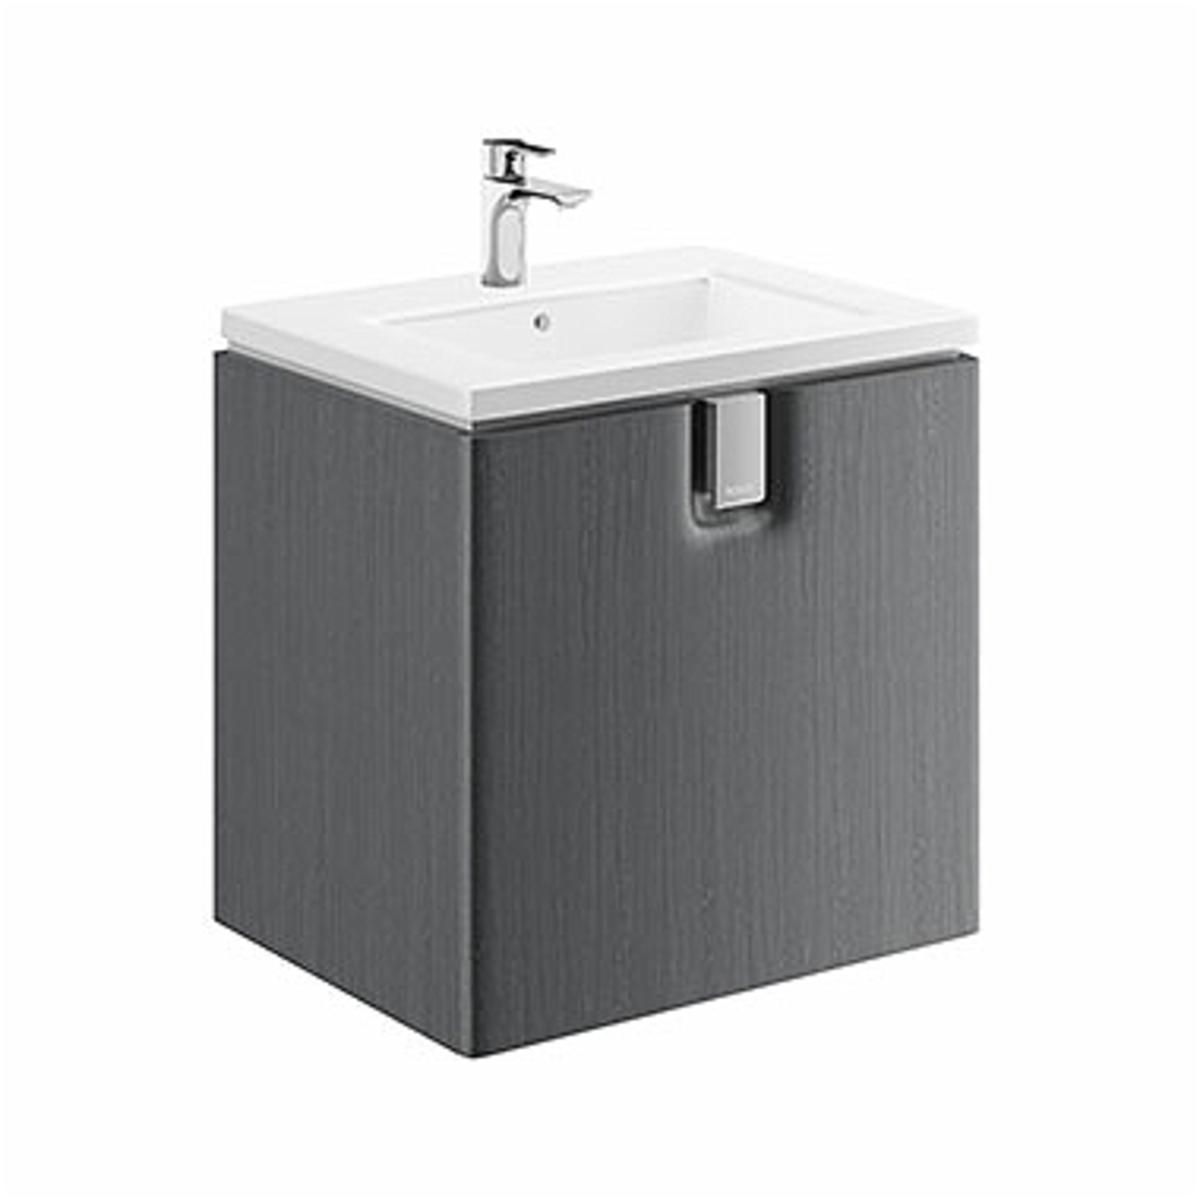 Kúpeľňová skrinka pod umývadlo KOLO Twins 60x57x46 cm strieborný grafit 89487000